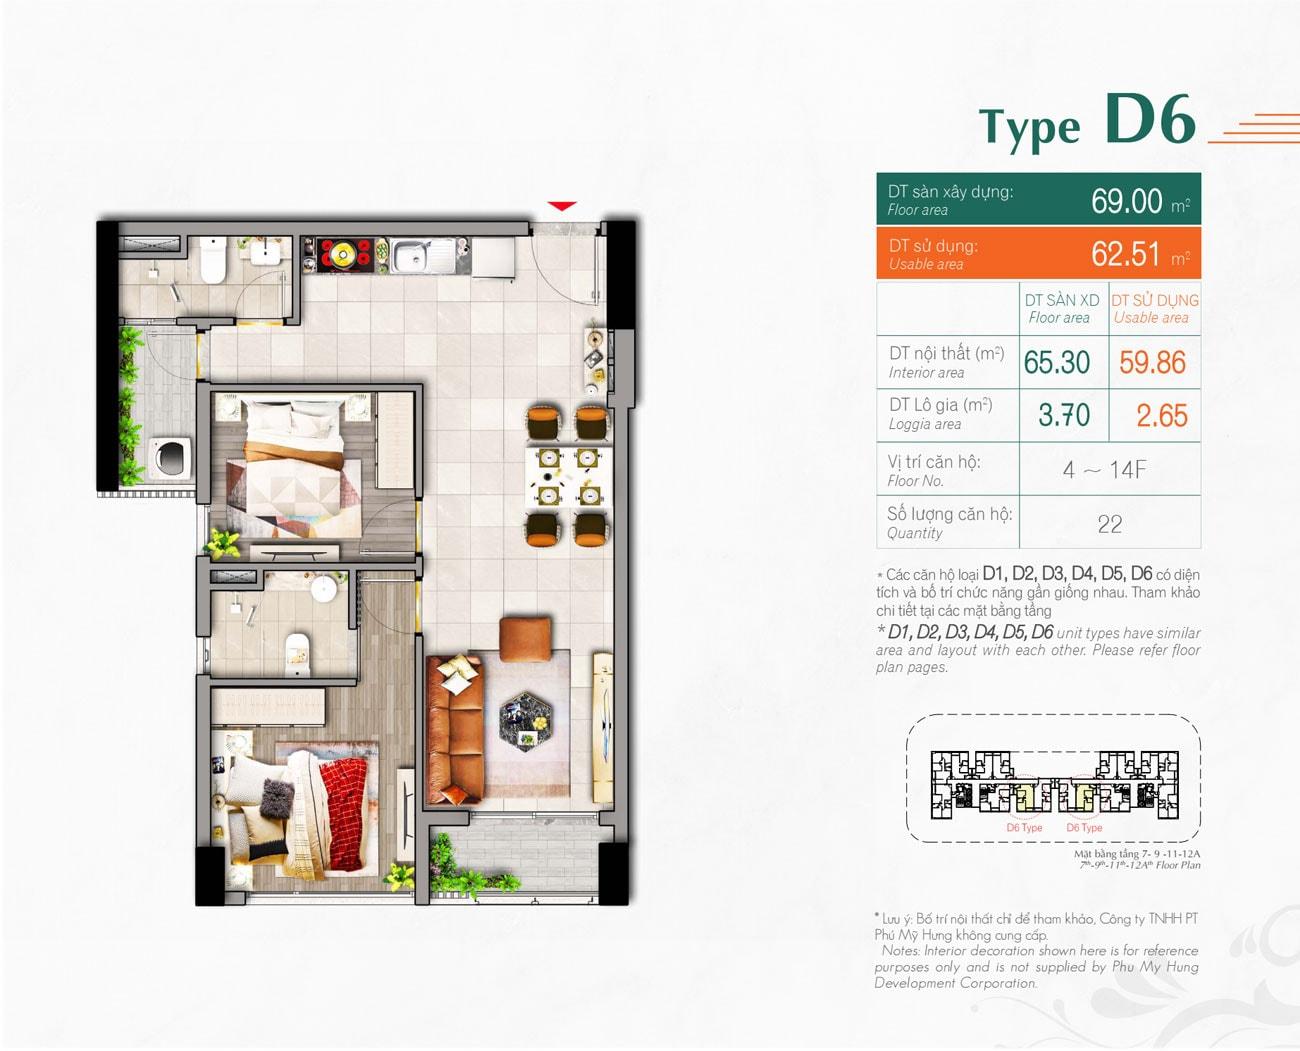 Kiểu căn hộ Type D6 Hưng Phúc Premier